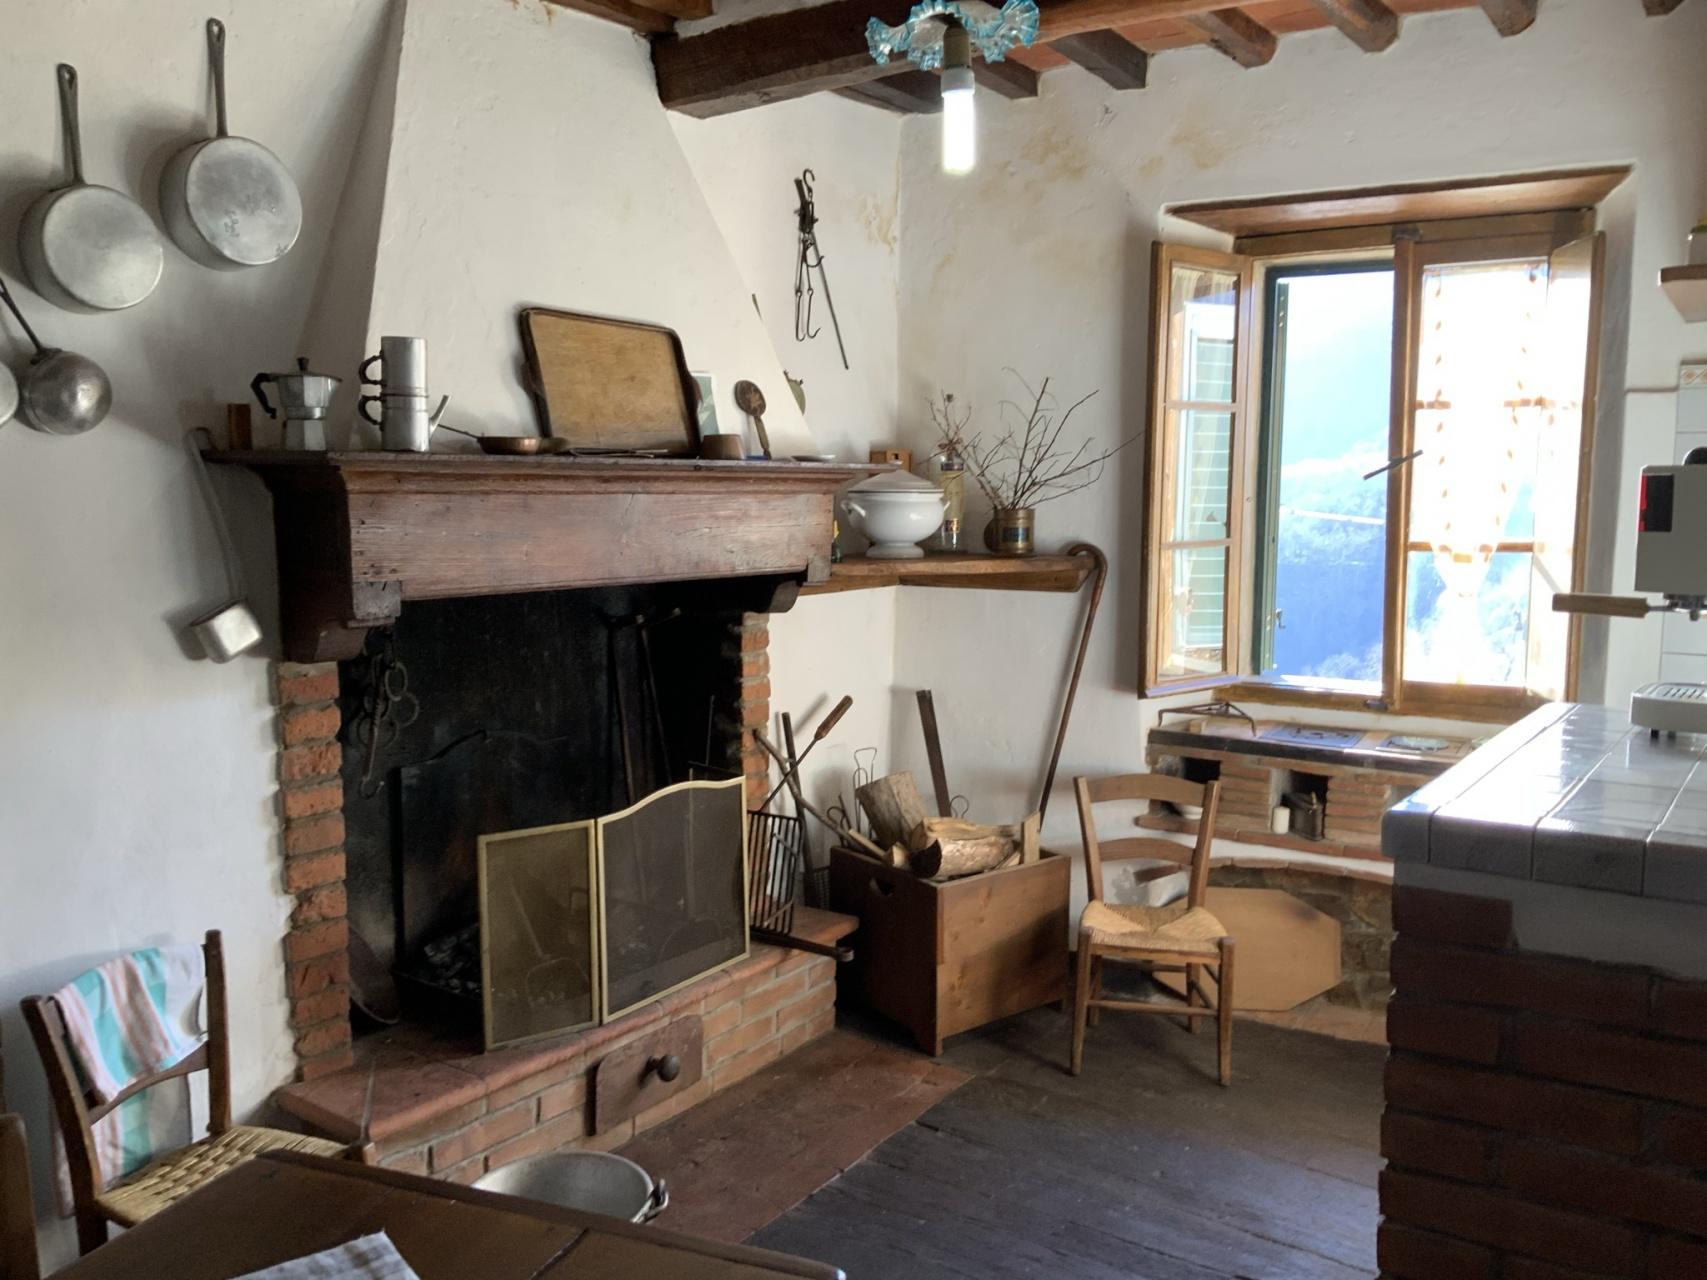 foto Abitazione rustica nel paese di Trassilico, Lucca, Toscana